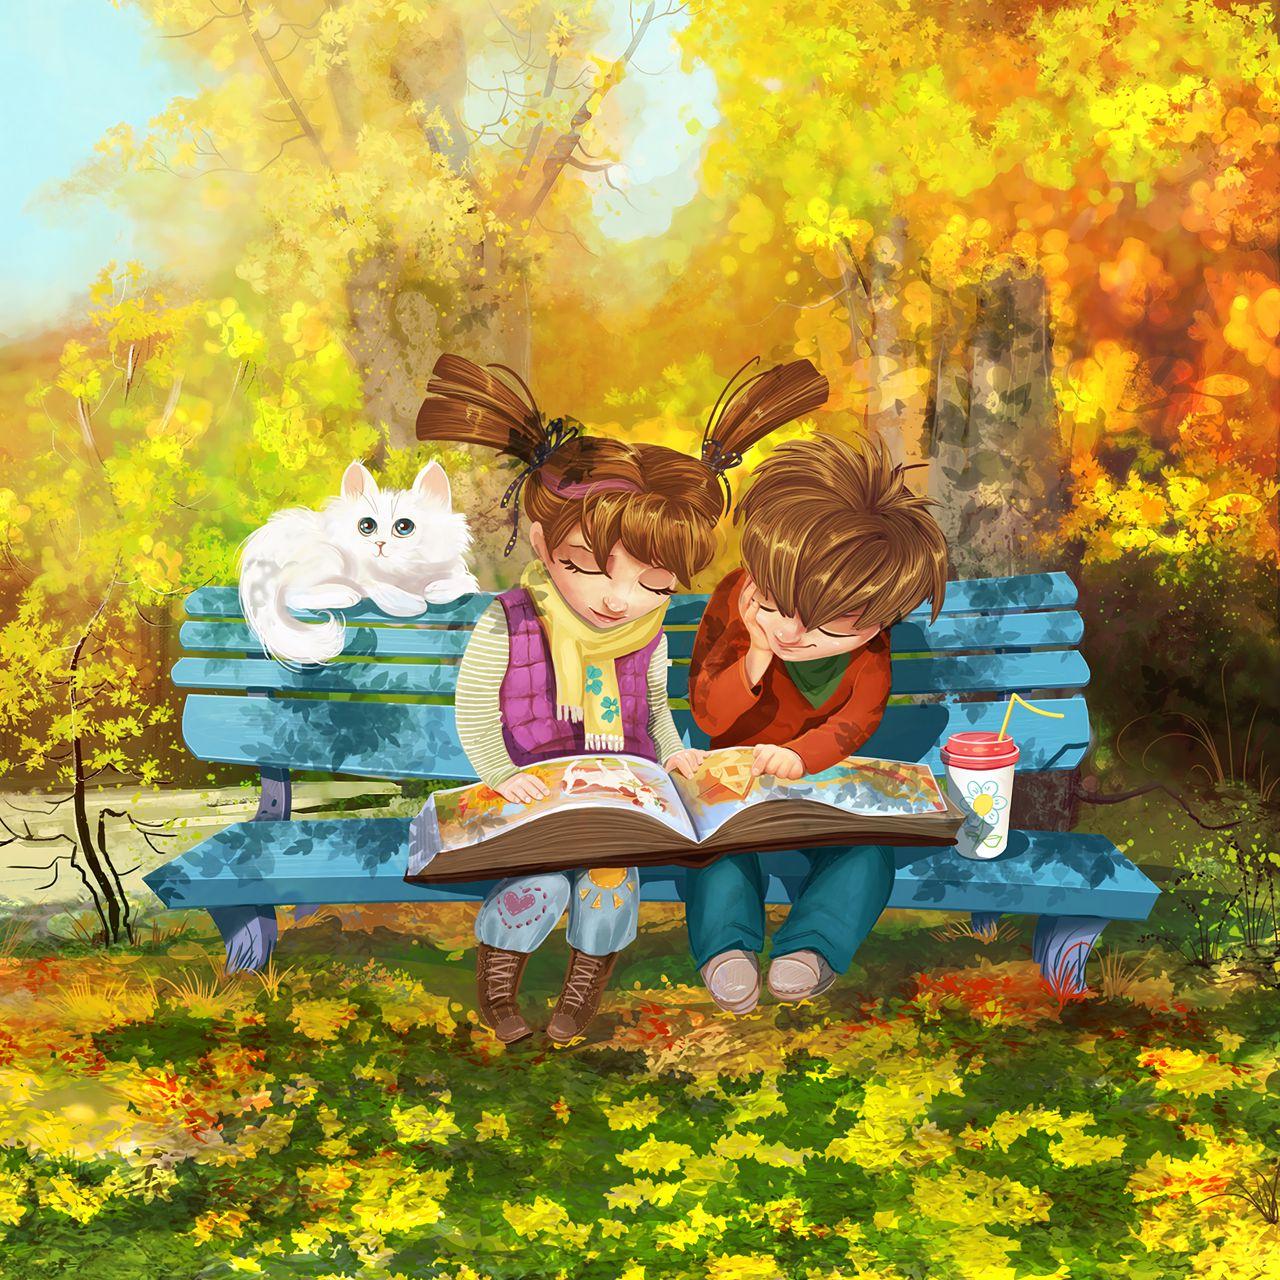 1280x1280 Wallpaper boy, girl, cat, bench, park, cute